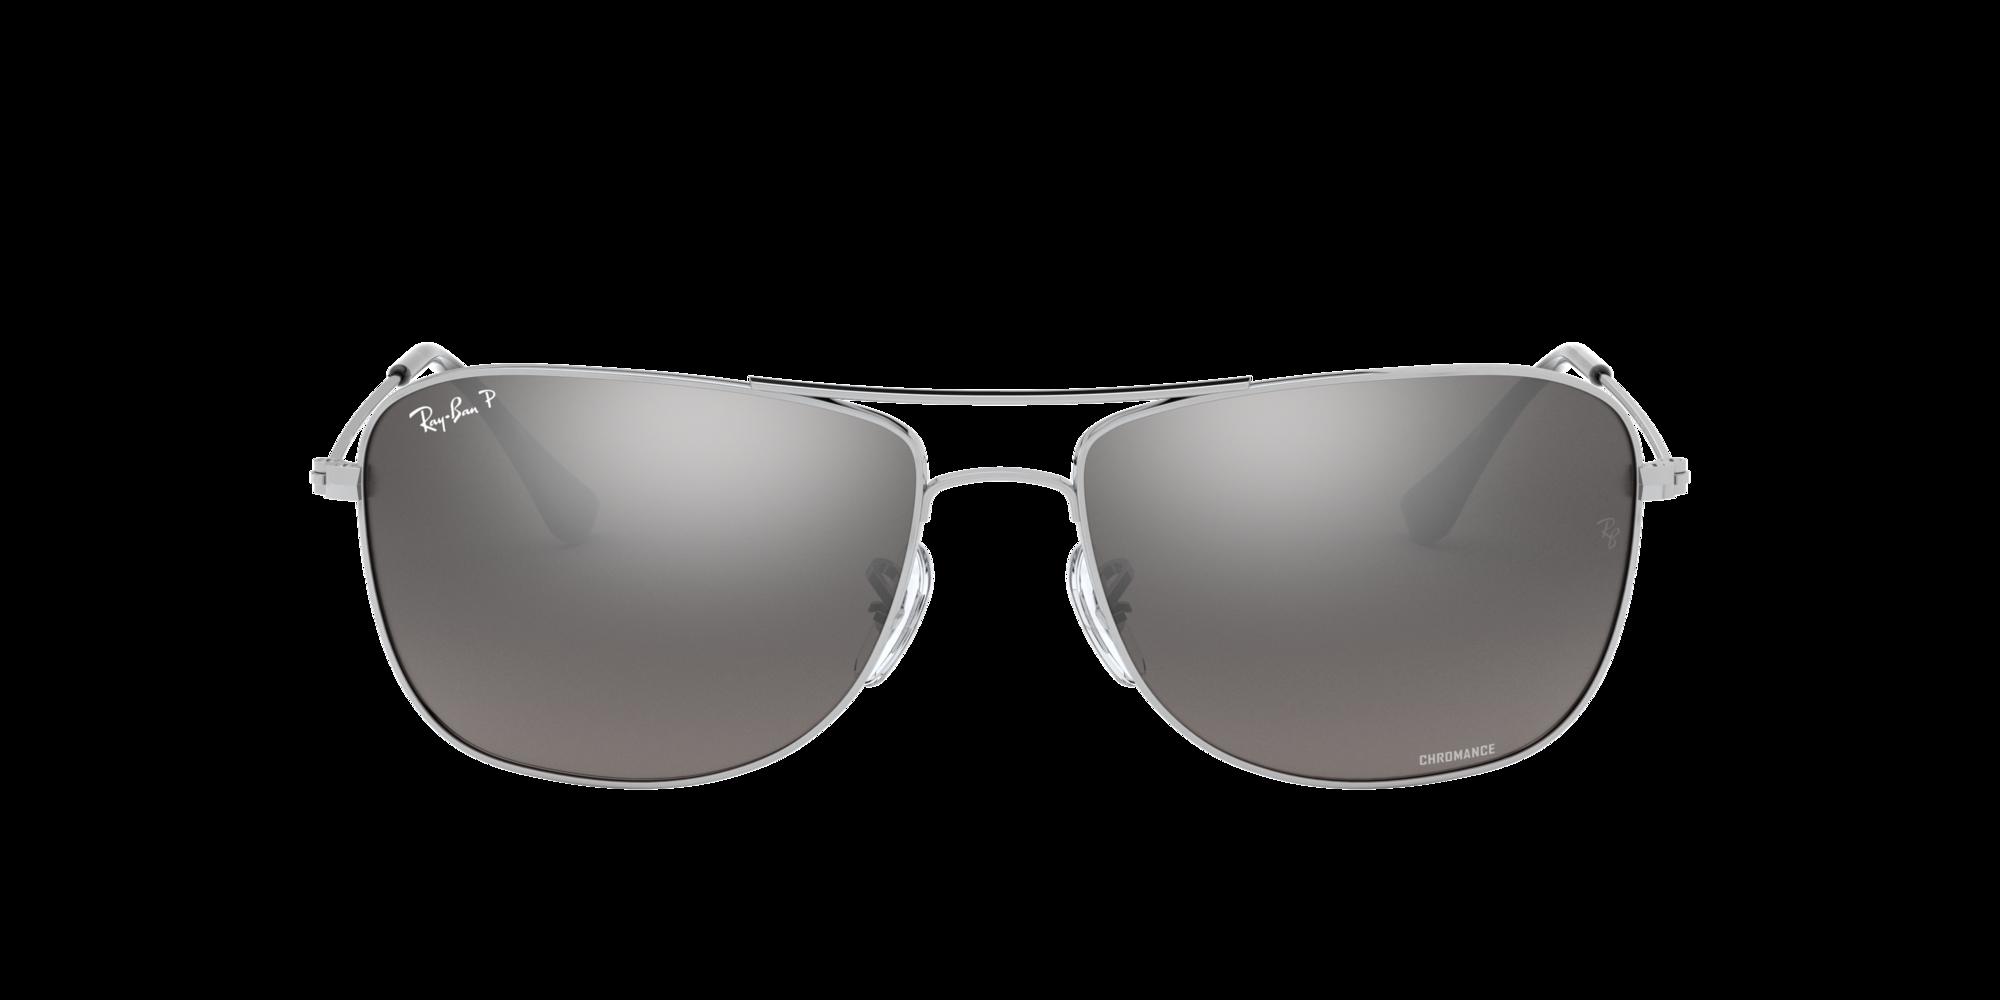 Imagen para RB3543 59 de LensCrafters |  Espejuelos, espejuelos graduados en línea, gafas